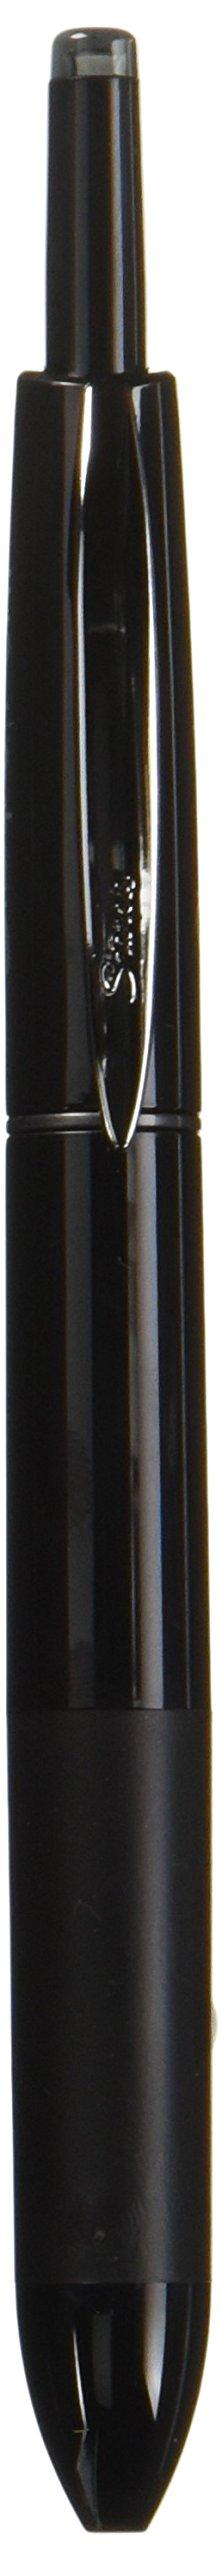 Sharpie 1753178 Retractable Pens, Fine Point, Black, 12-Count